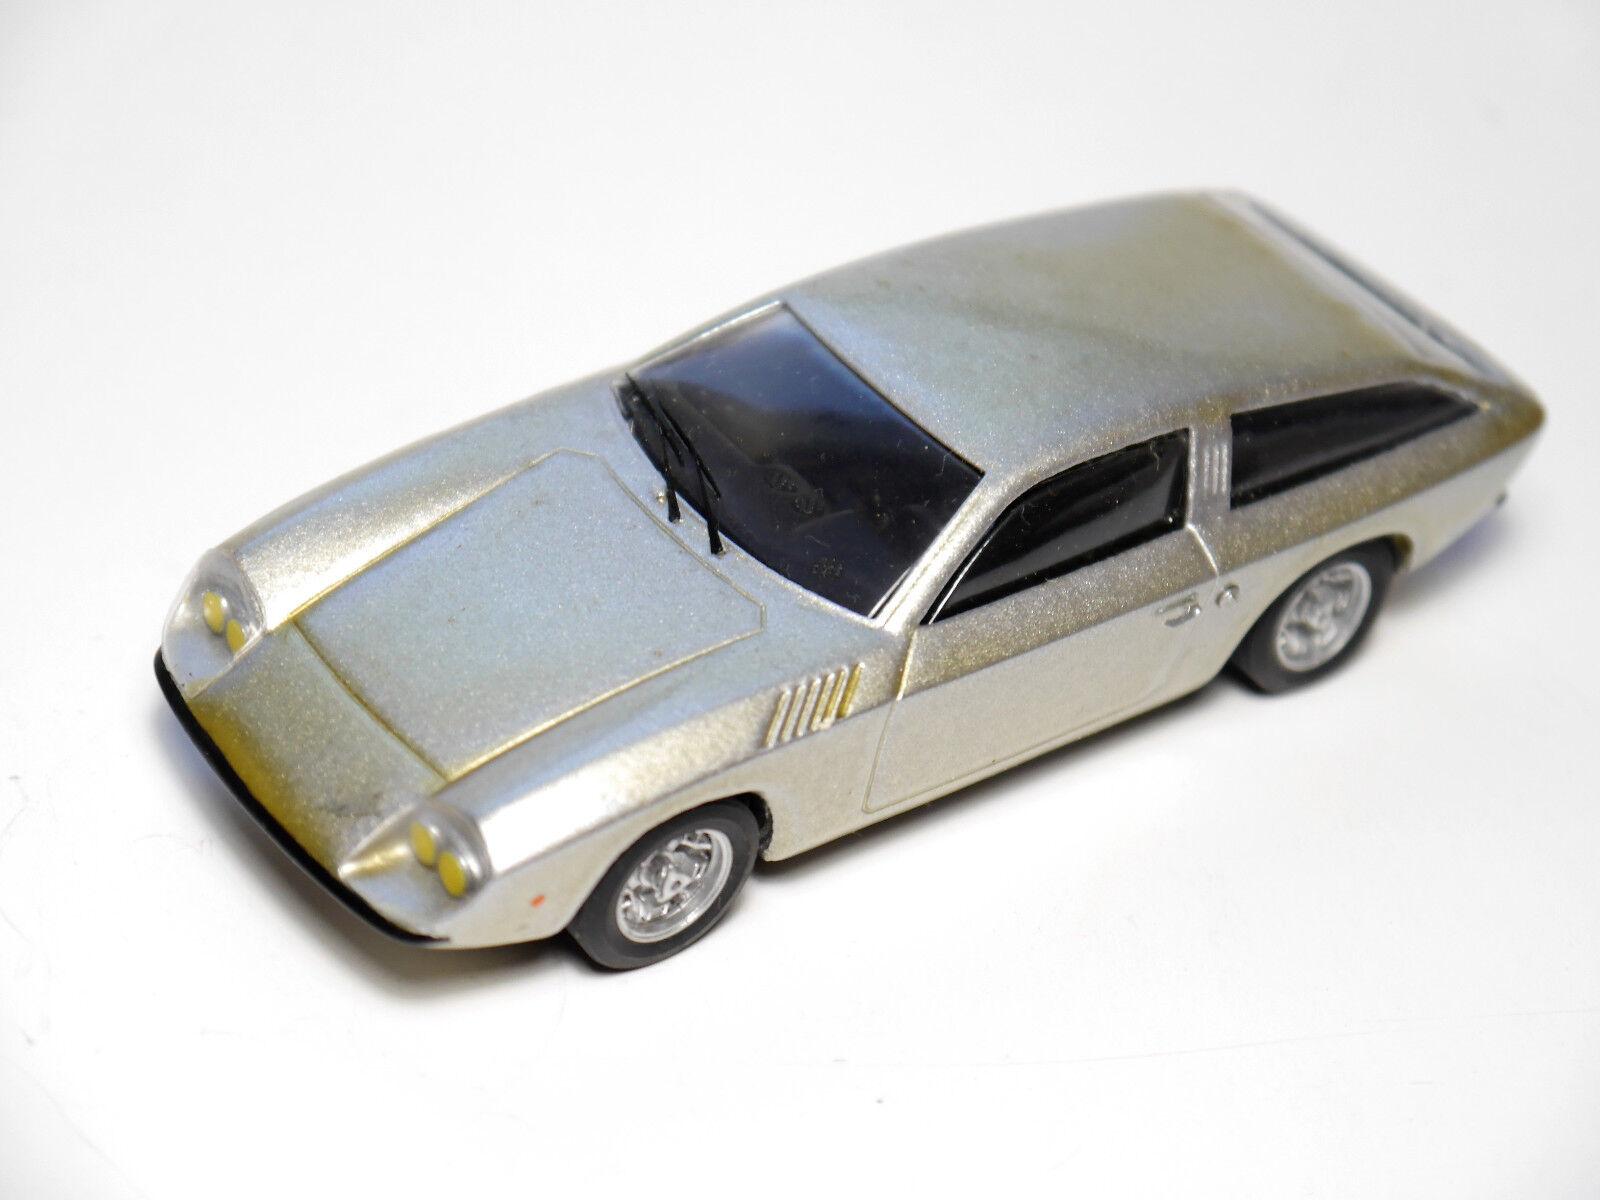 LAMBORGHINI Flying Star Concept Car prototipo, fatto a mano handmade-ALEZAN 1:43